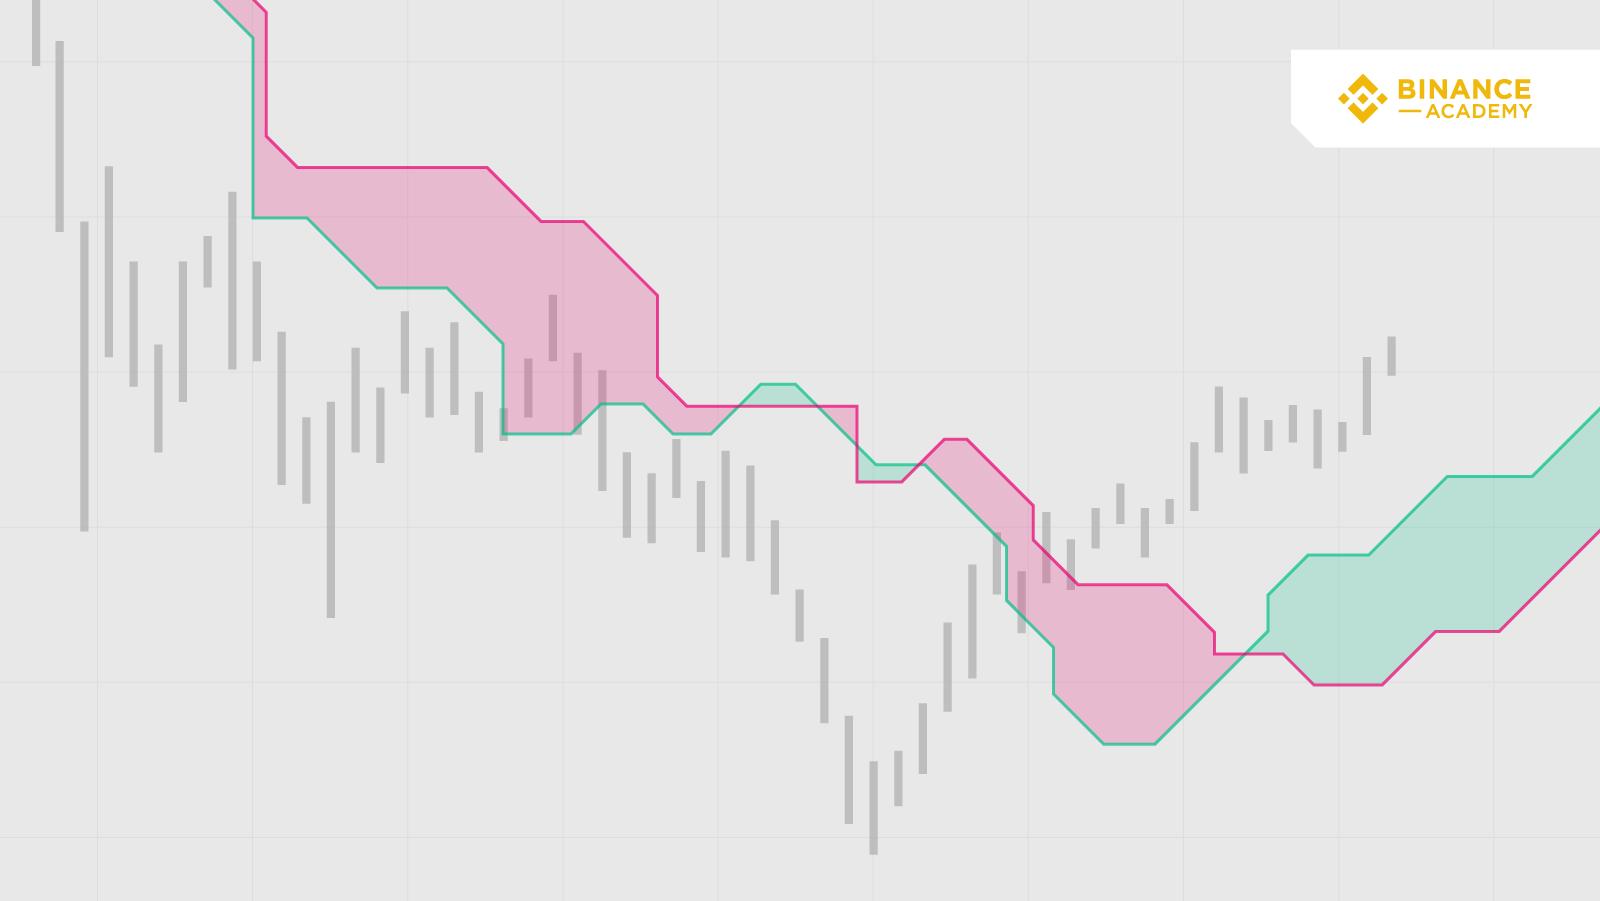 que signifient baissier et haussier dans le trading de crypto-monnaie?